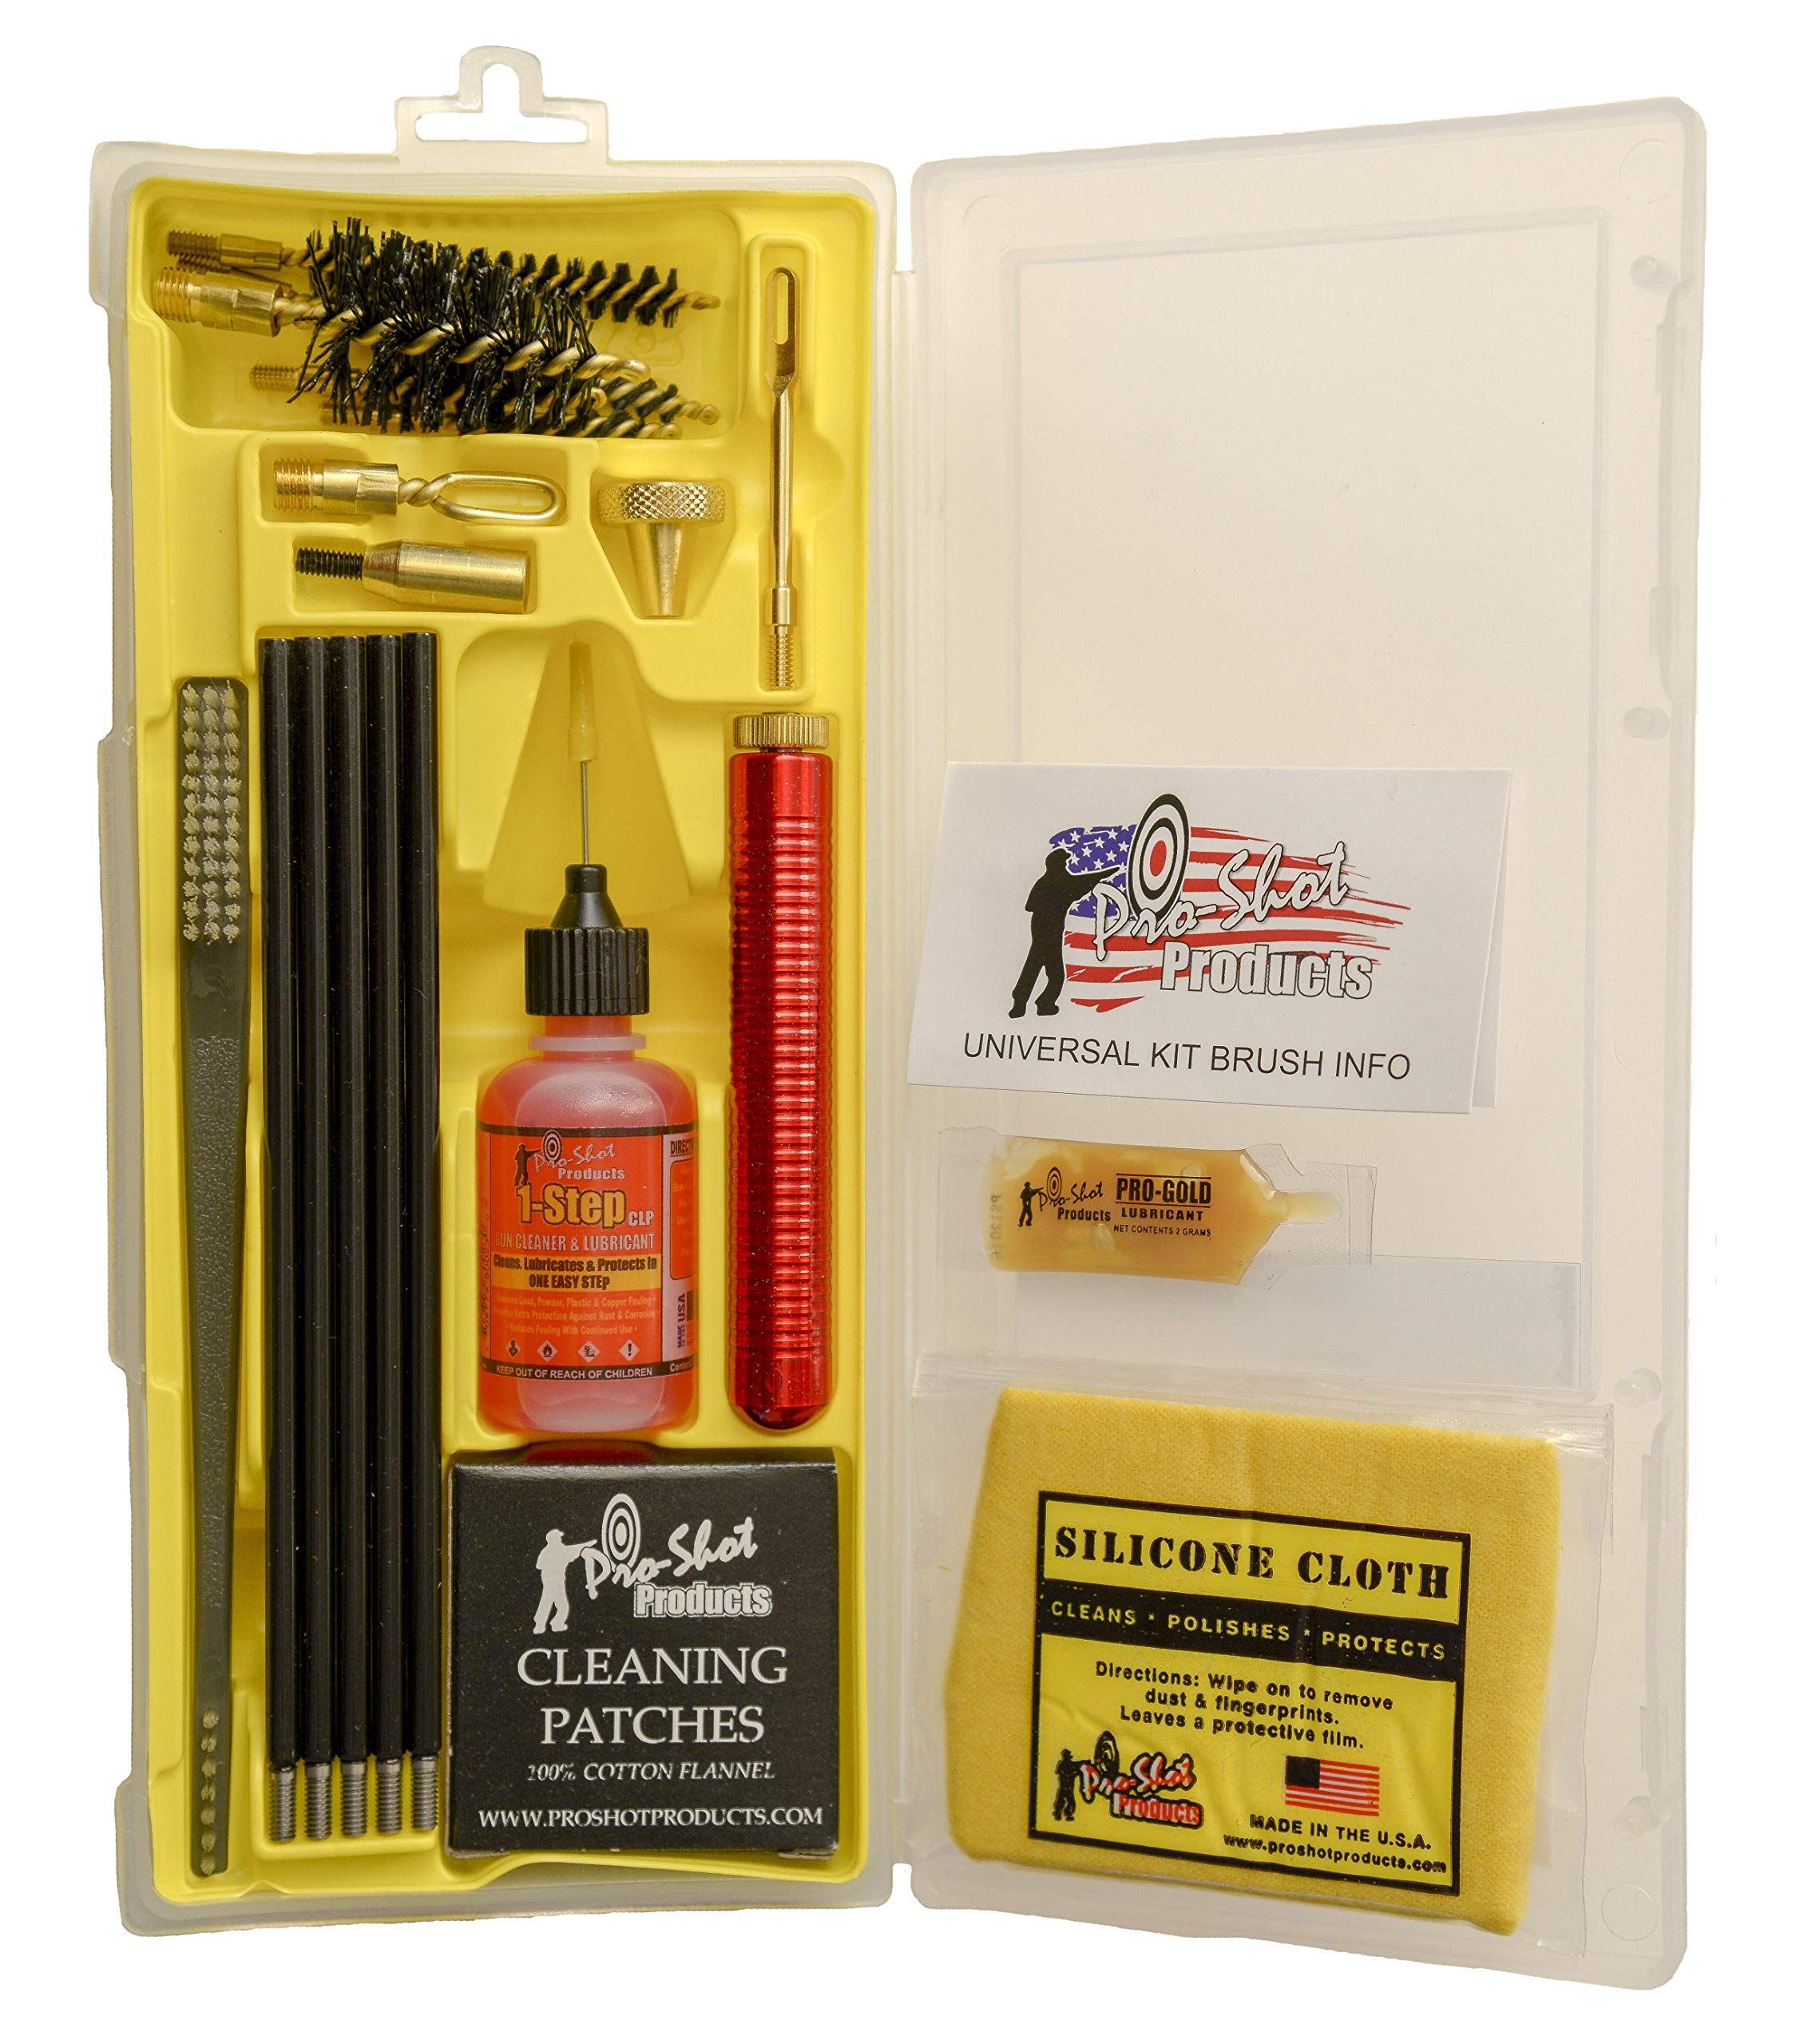 Pro Shot Black Coated Rod Universal Box Kit, Black